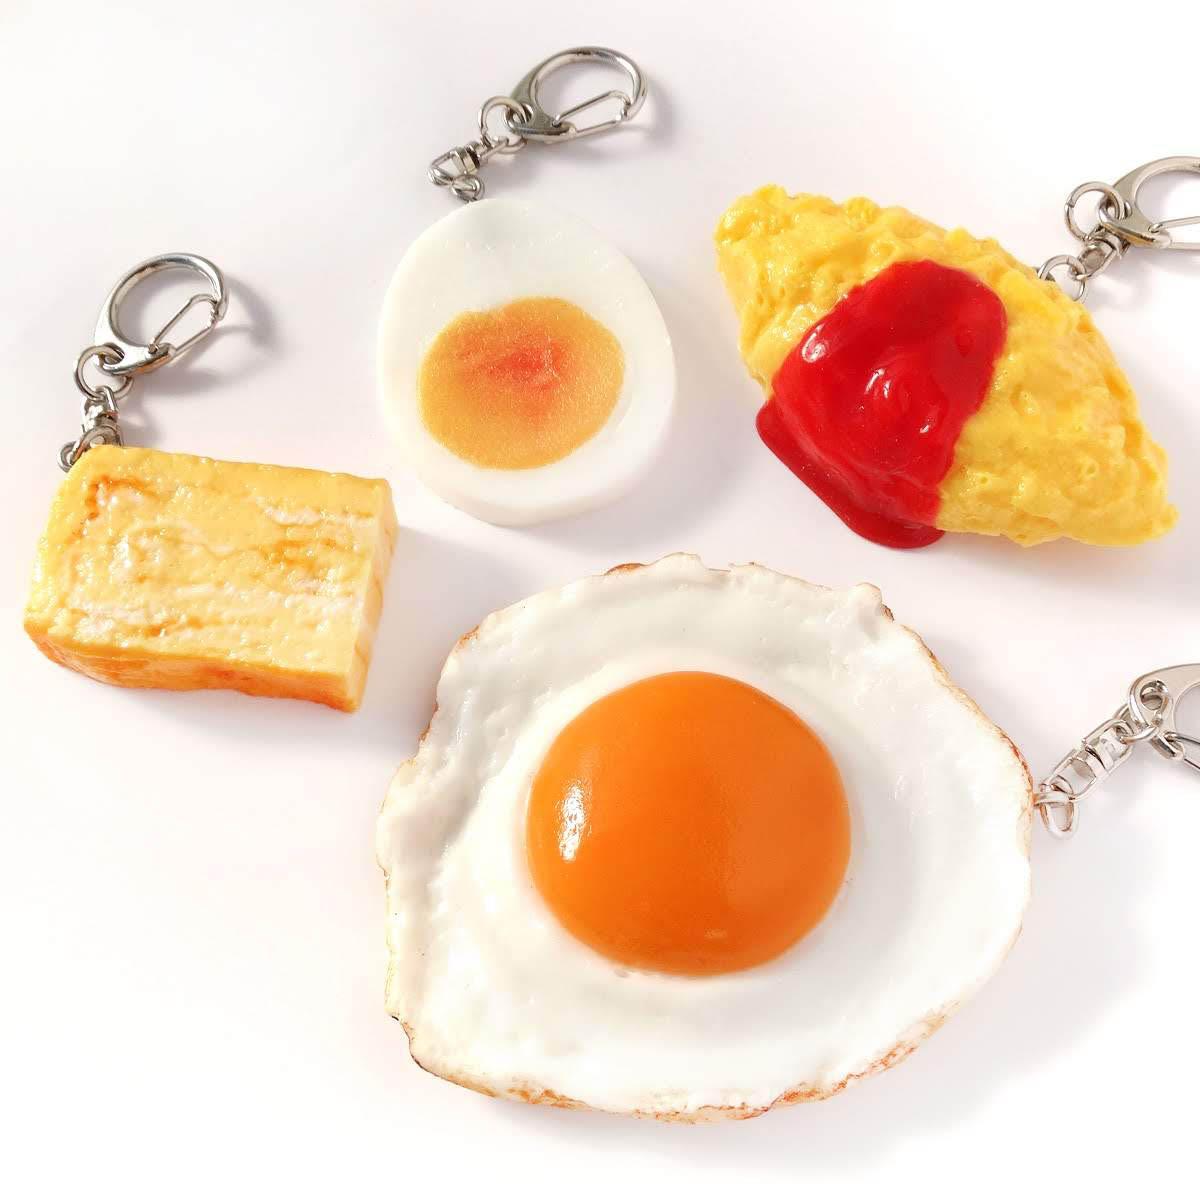 卵料理の食品サンプルのキーホルダー